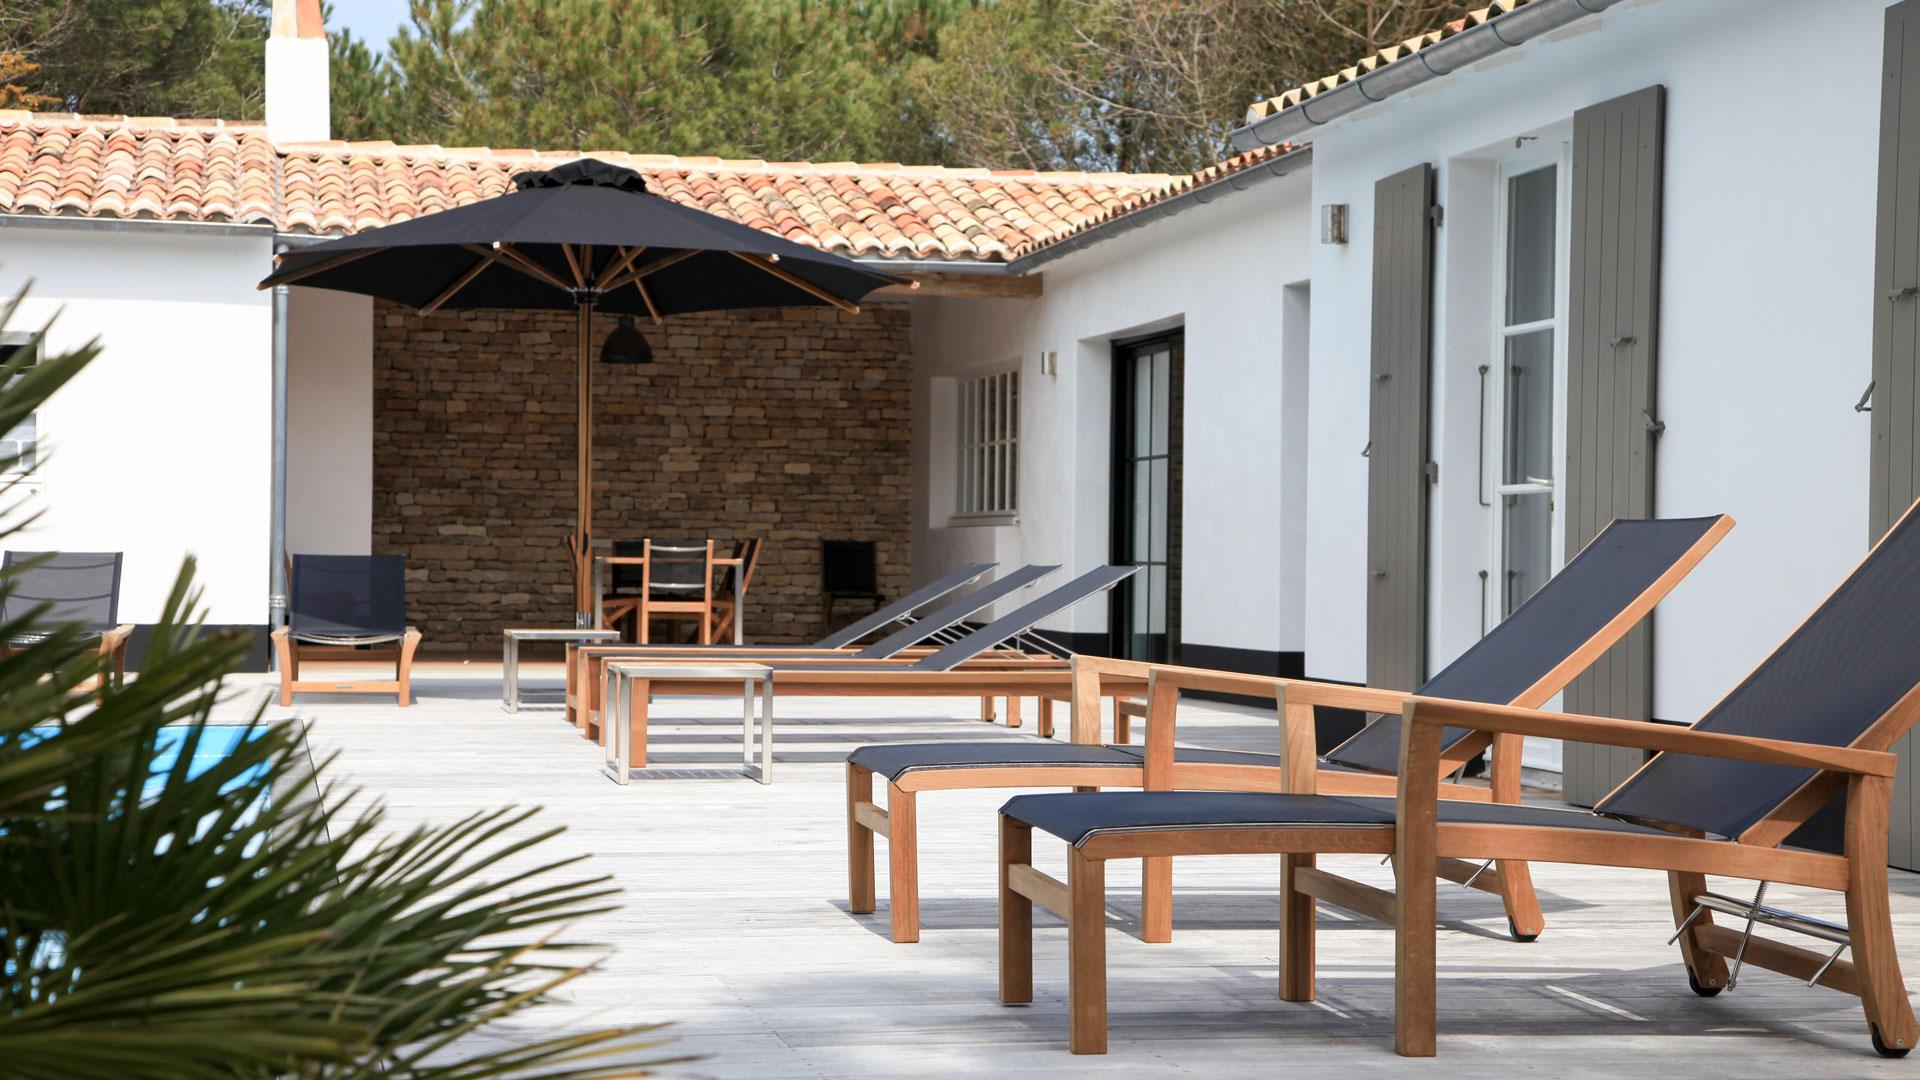 Populaire Villa Trousse Chemise - Villa à louer à Île de Ré, Les Portes en  WP29